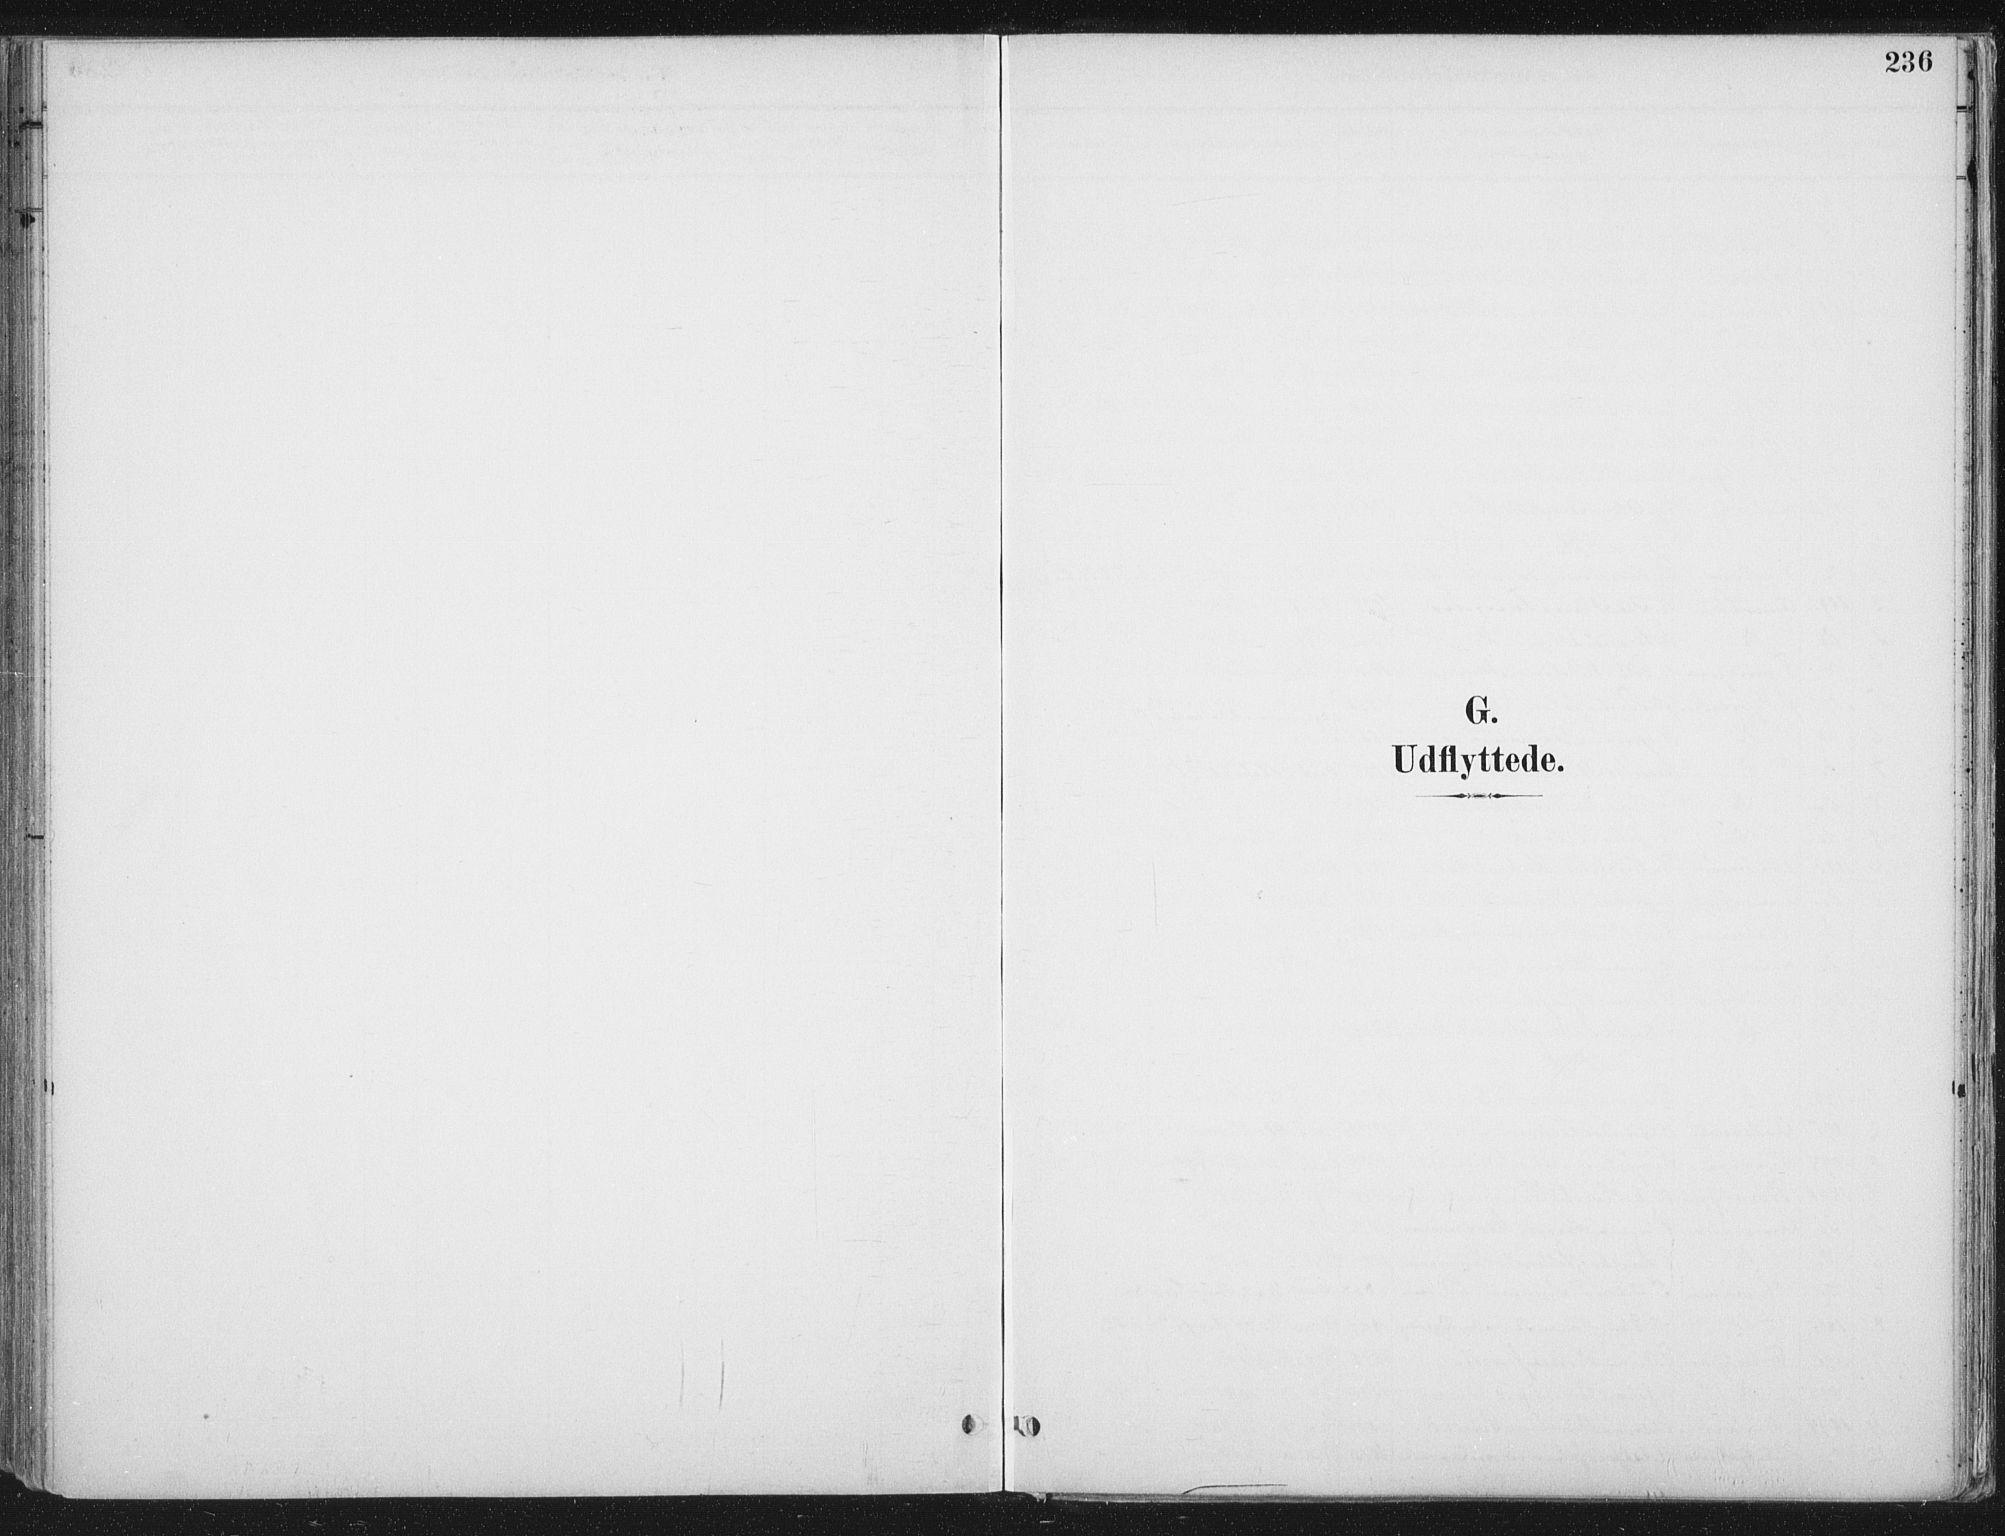 SAT, Ministerialprotokoller, klokkerbøker og fødselsregistre - Nord-Trøndelag, 709/L0082: Ministerialbok nr. 709A22, 1896-1916, s. 236